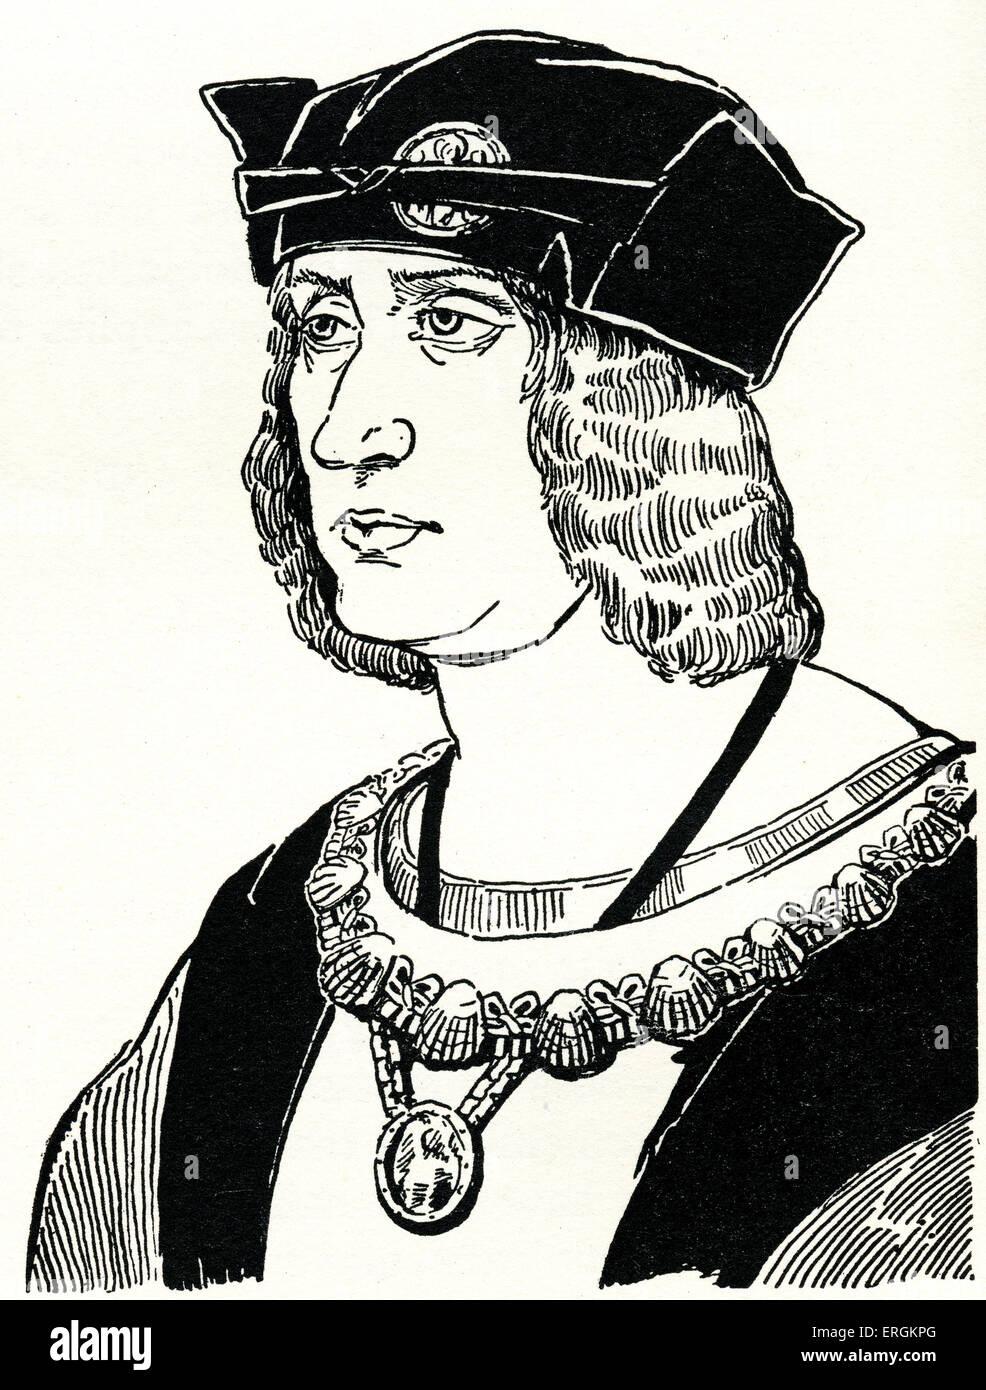 El rey Luis XII (1462 - 1515). Gobernó como rey de Francia desde 1498 a 1515 y Rey de Nápoles desde 1501 a 1504. Sobre la base de grabado de Jehen Perreal (c.1450 - 1530). Herbert Norris artista falleció 1950 - pueden requerir la autorización de los derechos de autor Foto de stock